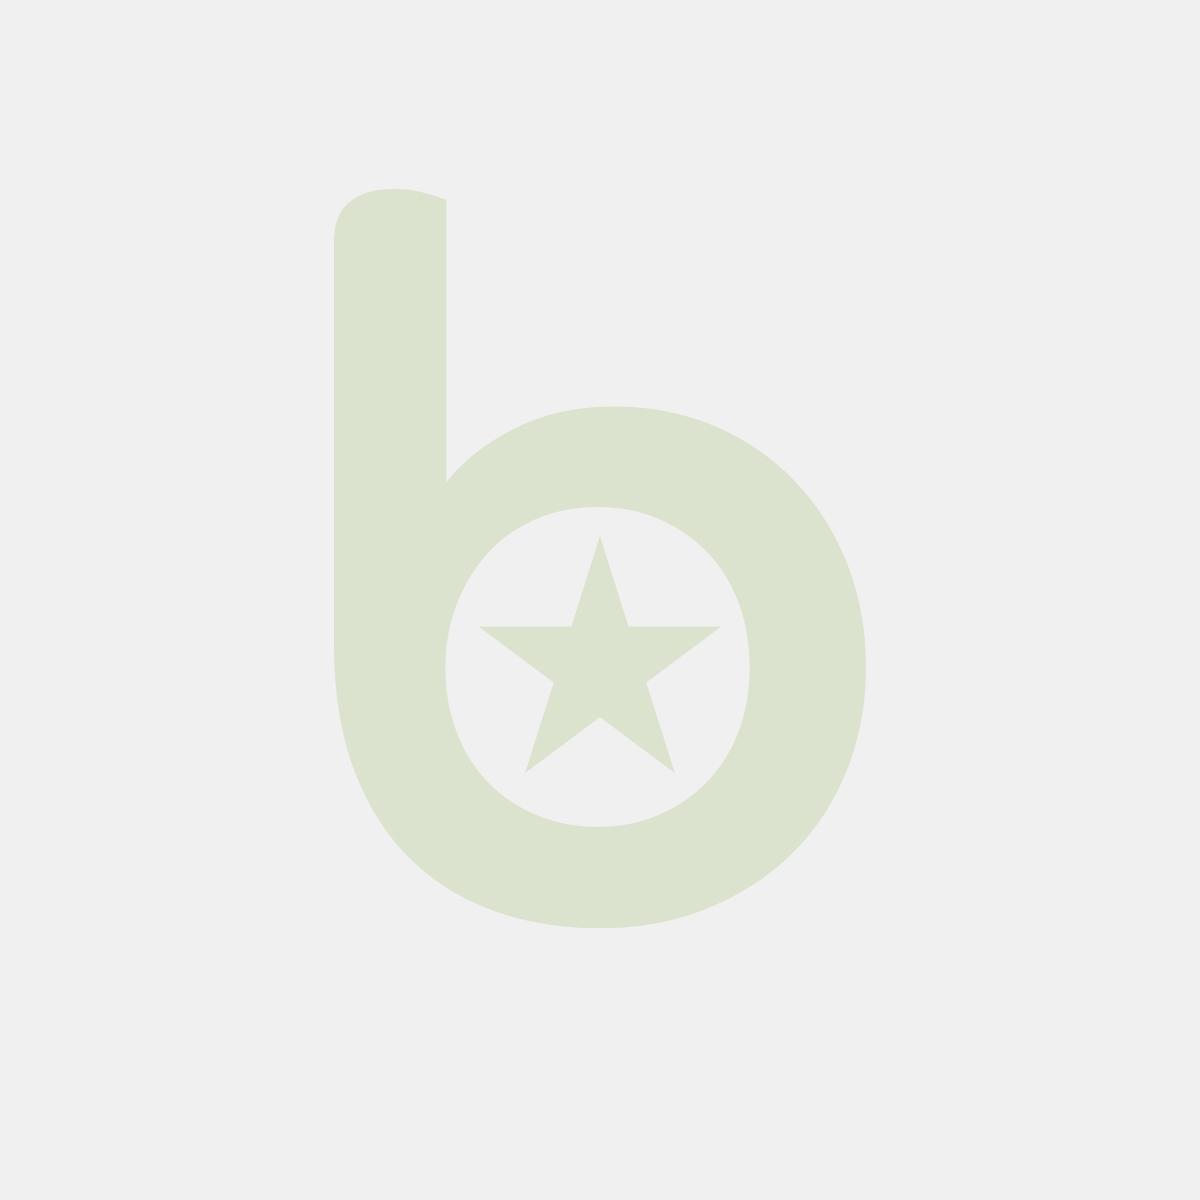 Szklanica do shakera bostońskiego - kod 593066